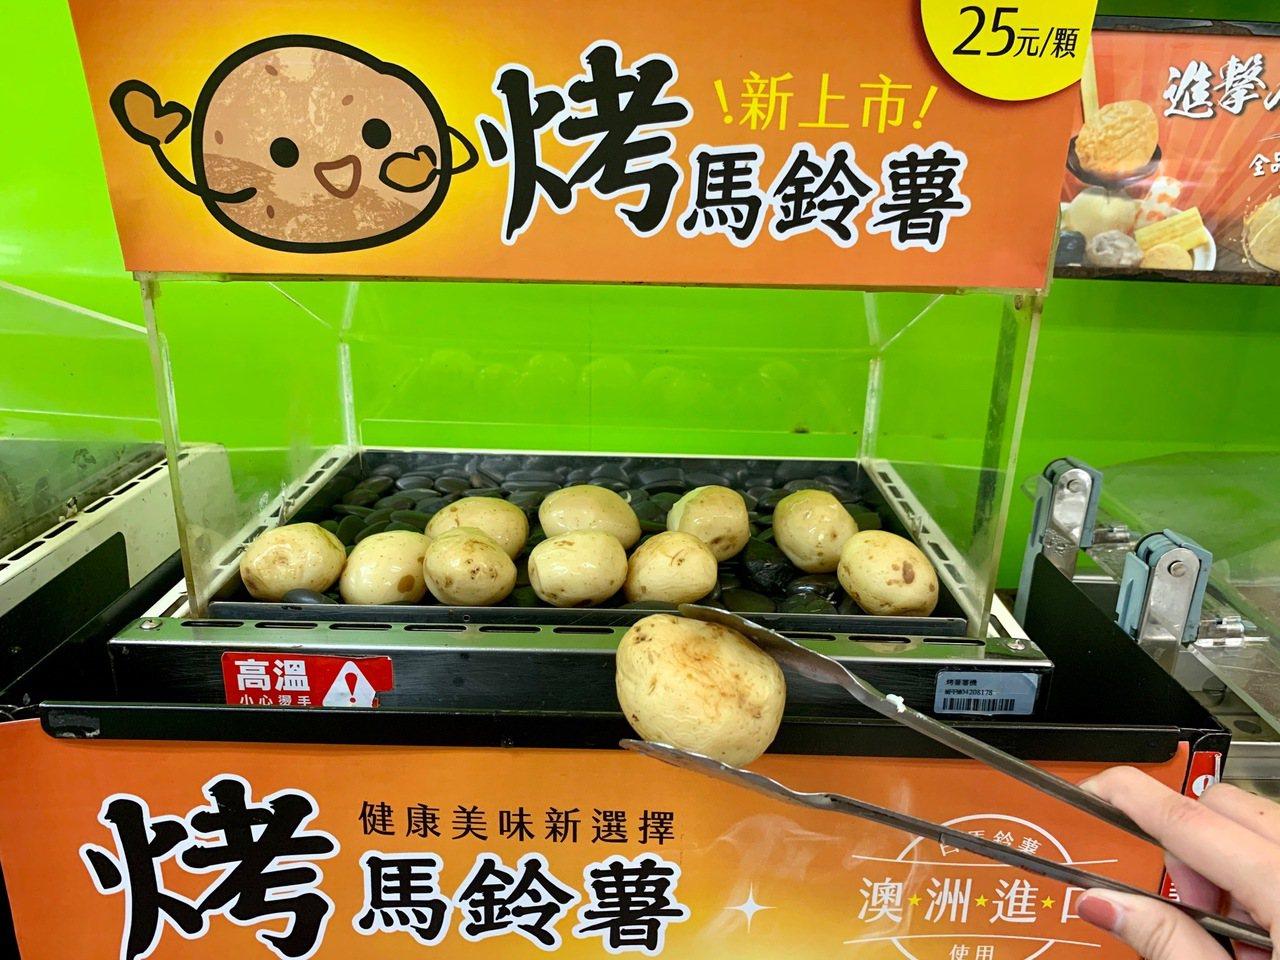 全家便利商店推出隱藏版新品「烤馬鈴薯」,每個售價25元,即日起於台北市6間門市搶...